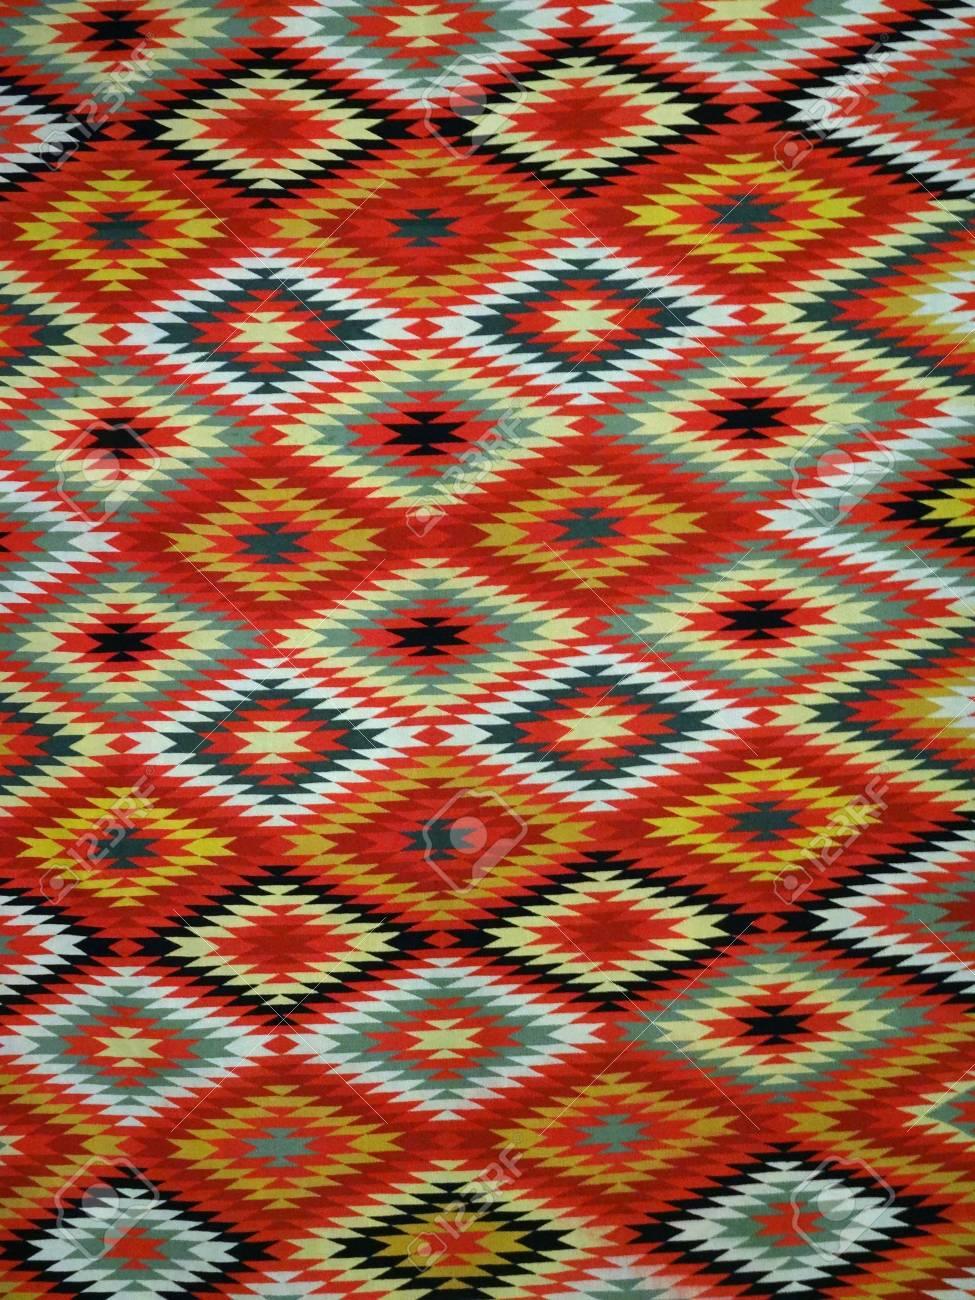 Muster Rot, Orange, Weiß, Grün, Schwarz Und Blau Diamant Decke